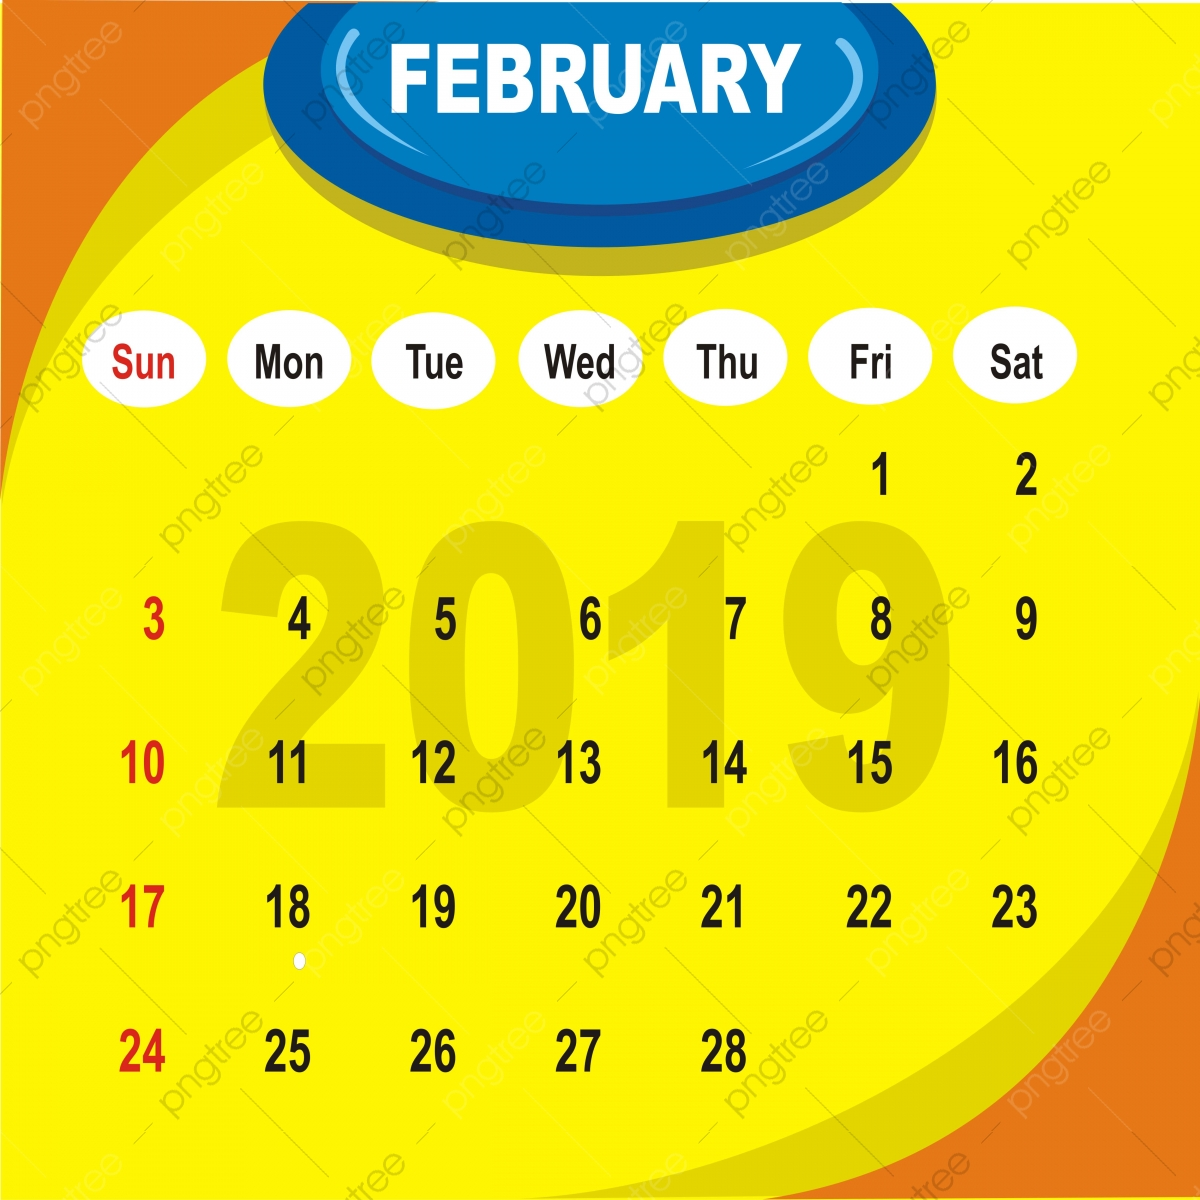 Coloration du calendrier lunaire 2019 fГ©vrier